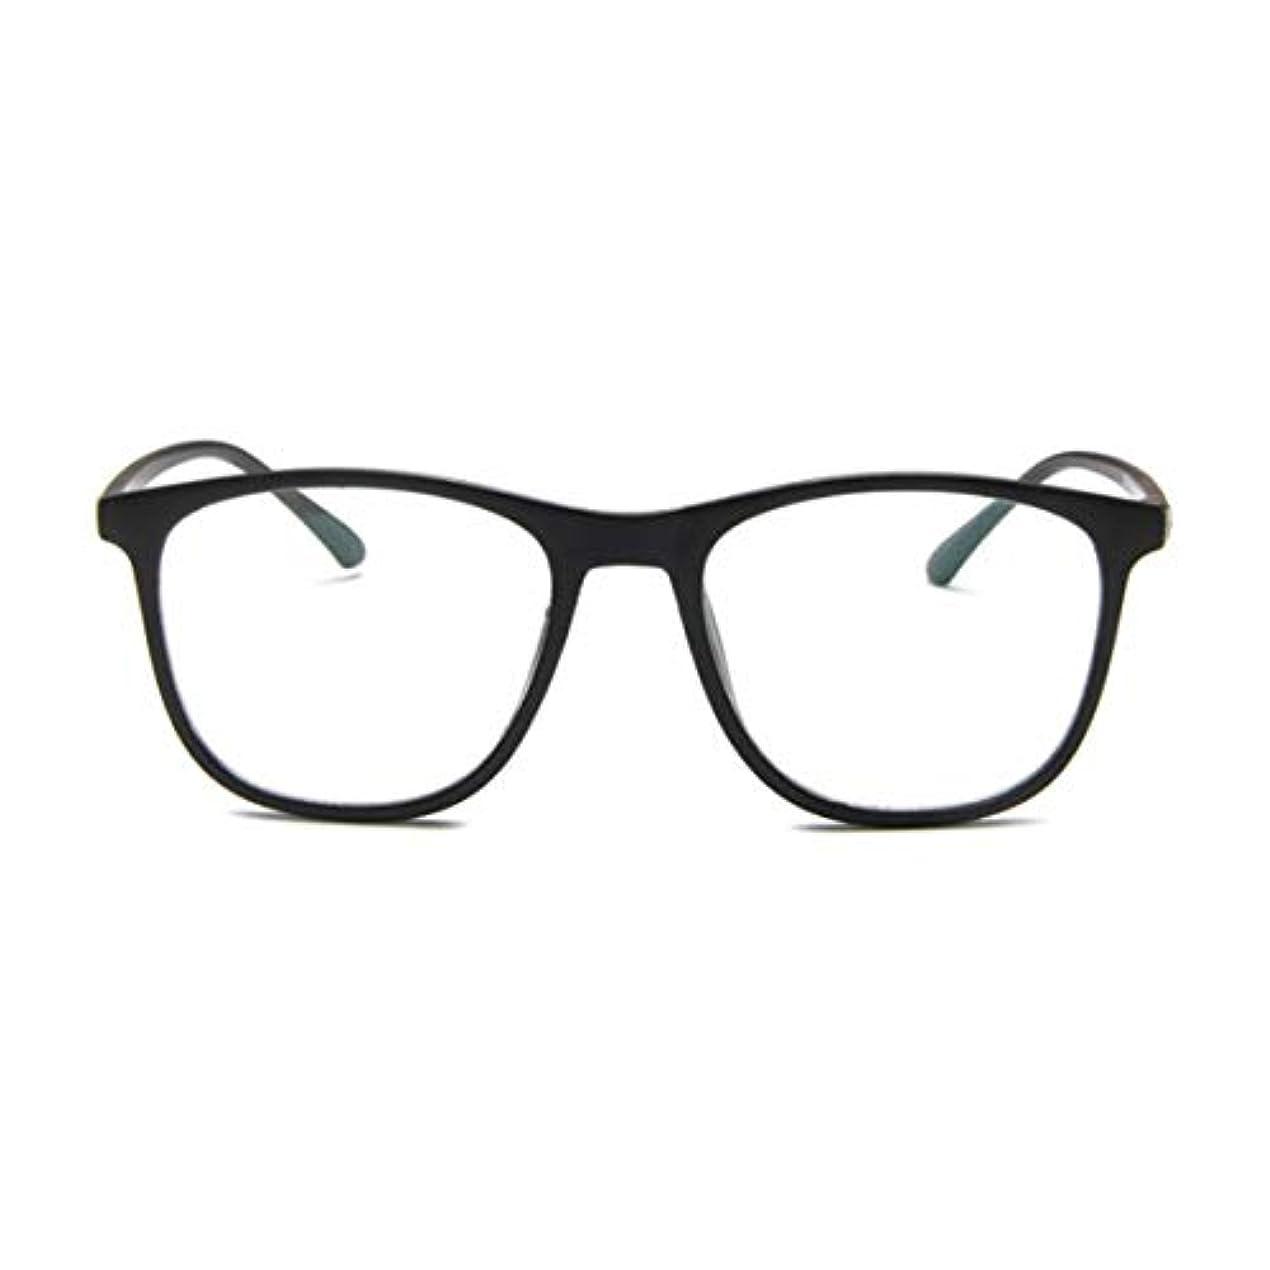 穏やかな団結するに変わる韓国の学生のプレーンメガネの男性と女性のファッションメガネフレーム近視メガネフレームファッショナブルなシンプルなメガネ-マットブラック